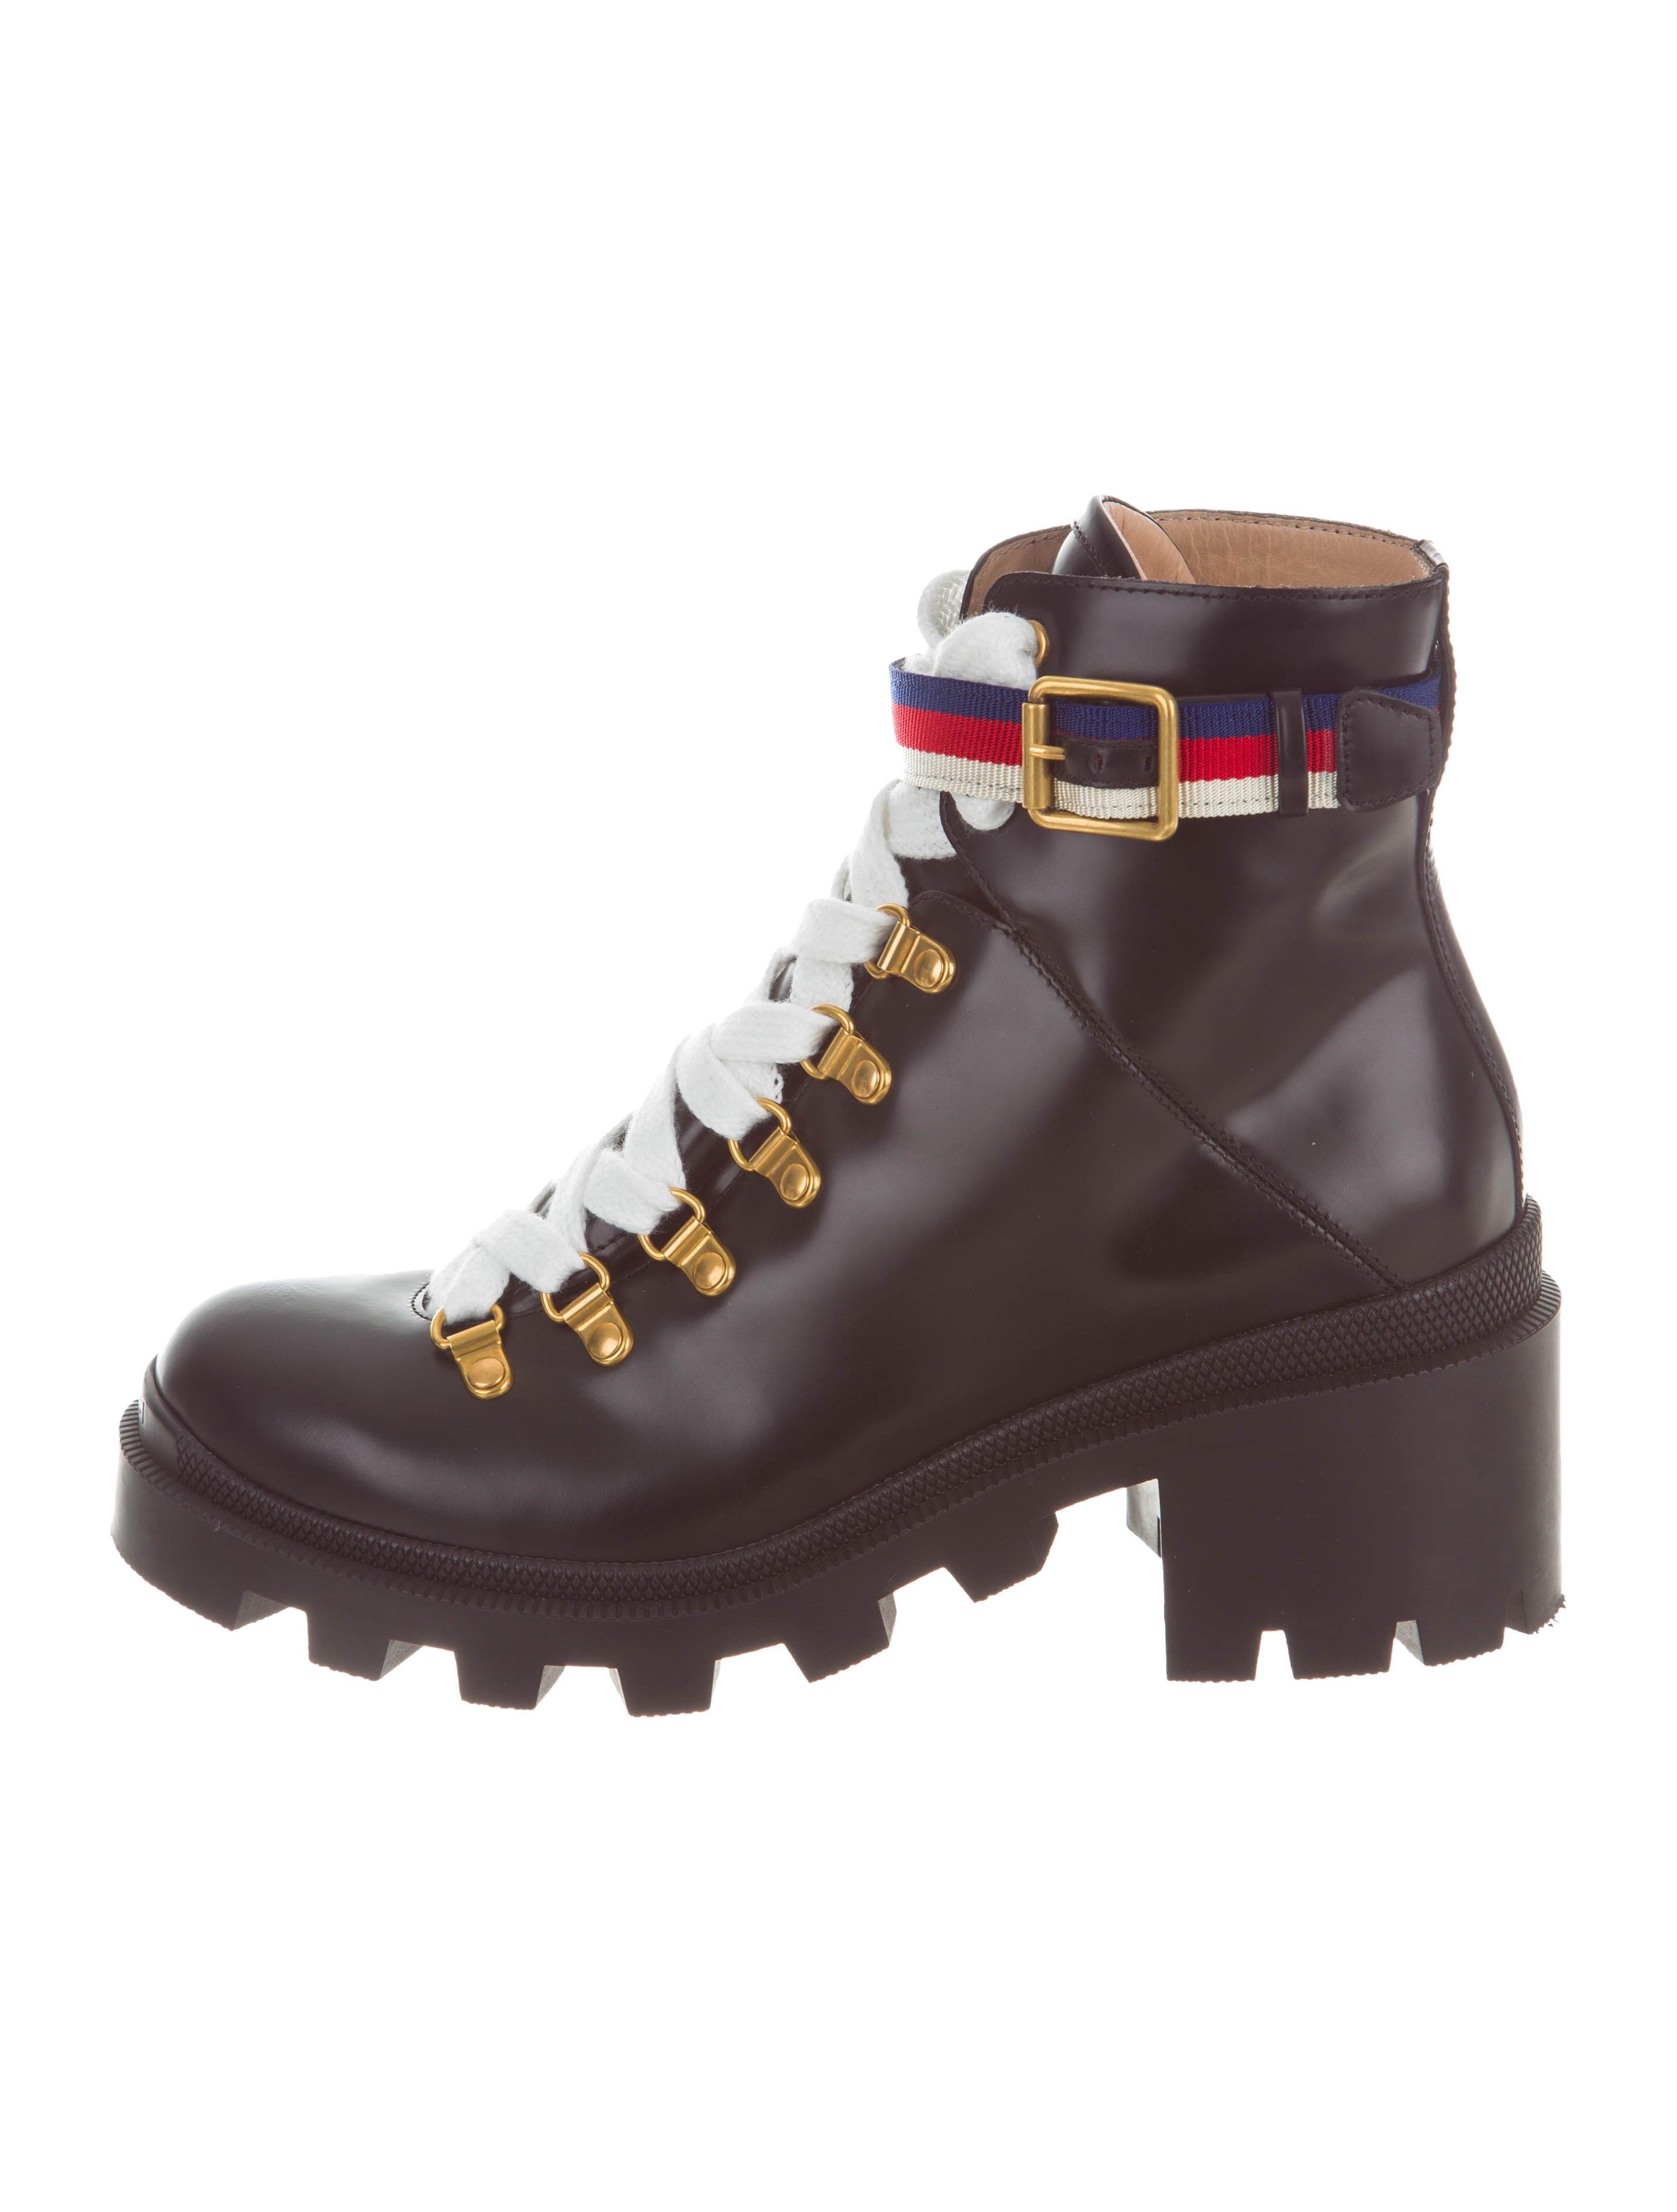 5732d41bd49 Gucci Sylvie Web Ankle Boots - Shoes - GUC189000